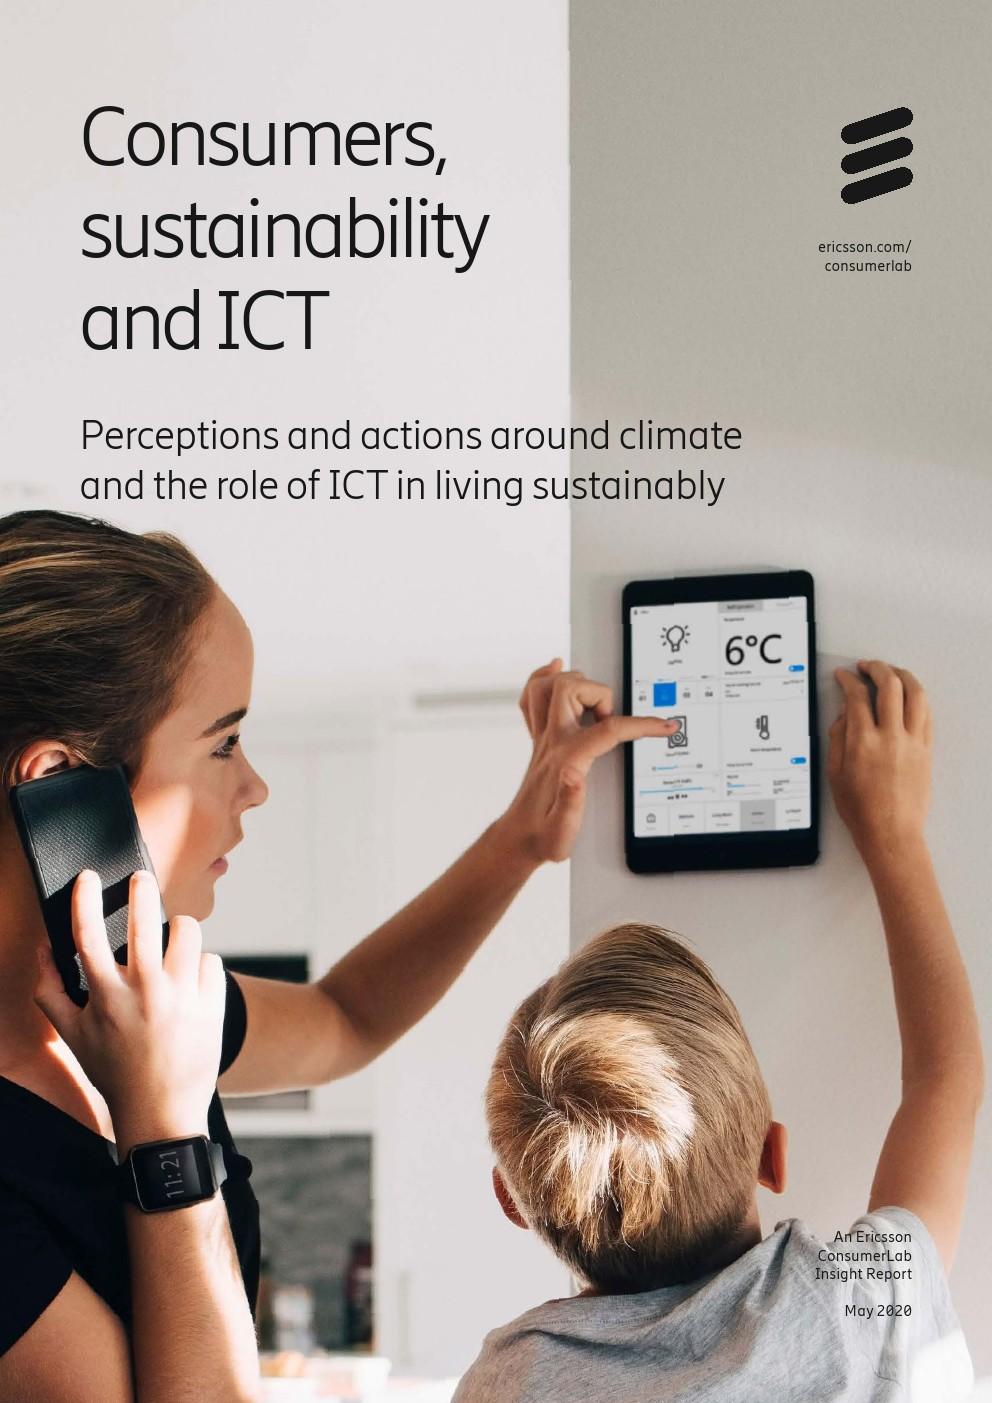 爱立信:消费者、可持续性和ICT